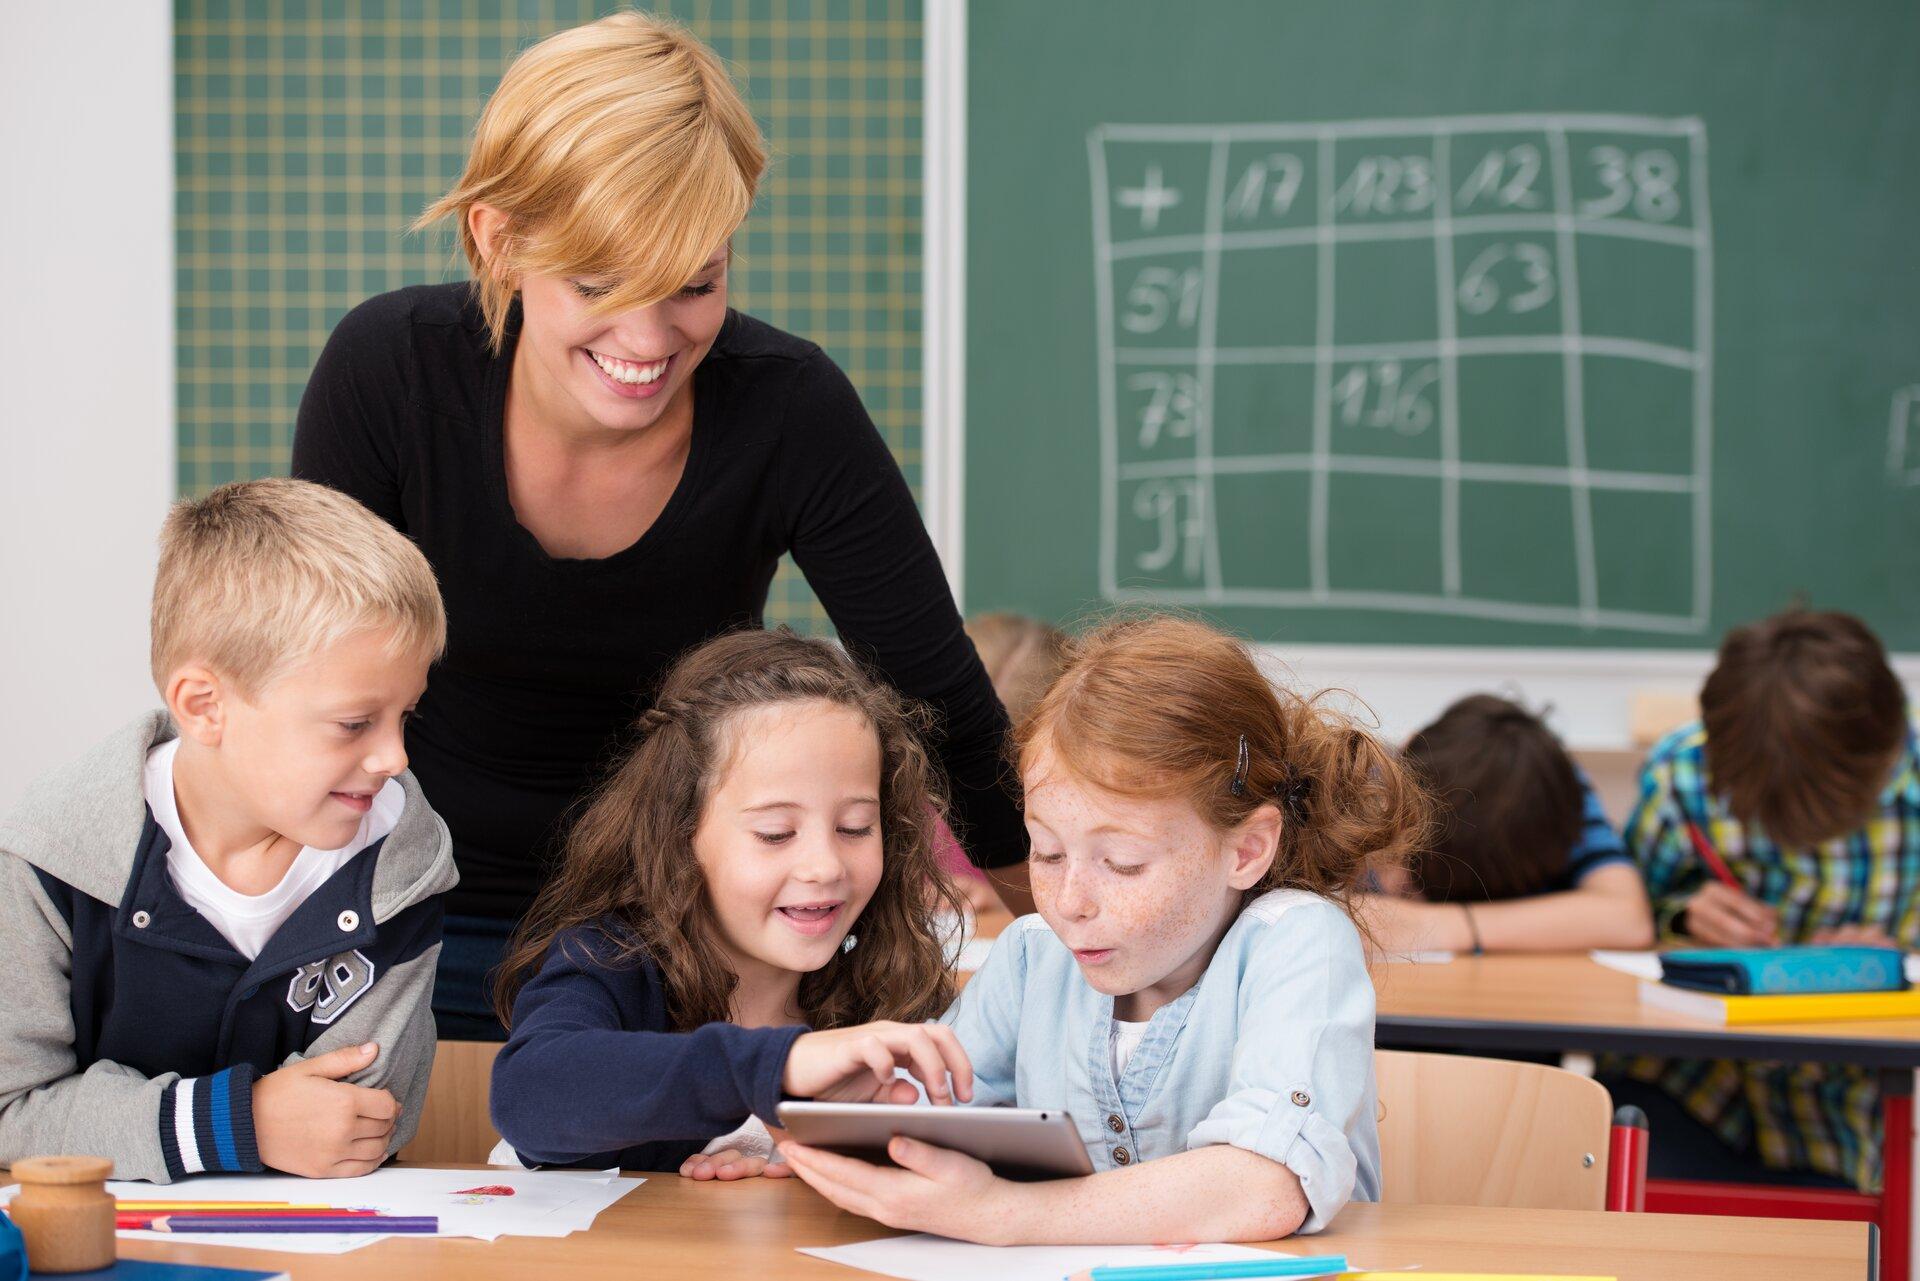 Ilustracja przedstawia lekcję wszkole. Ukazuje ona nauczycielkę idzieci korzystające ztabletu, który służy jako przedmiot dydaktyczny.